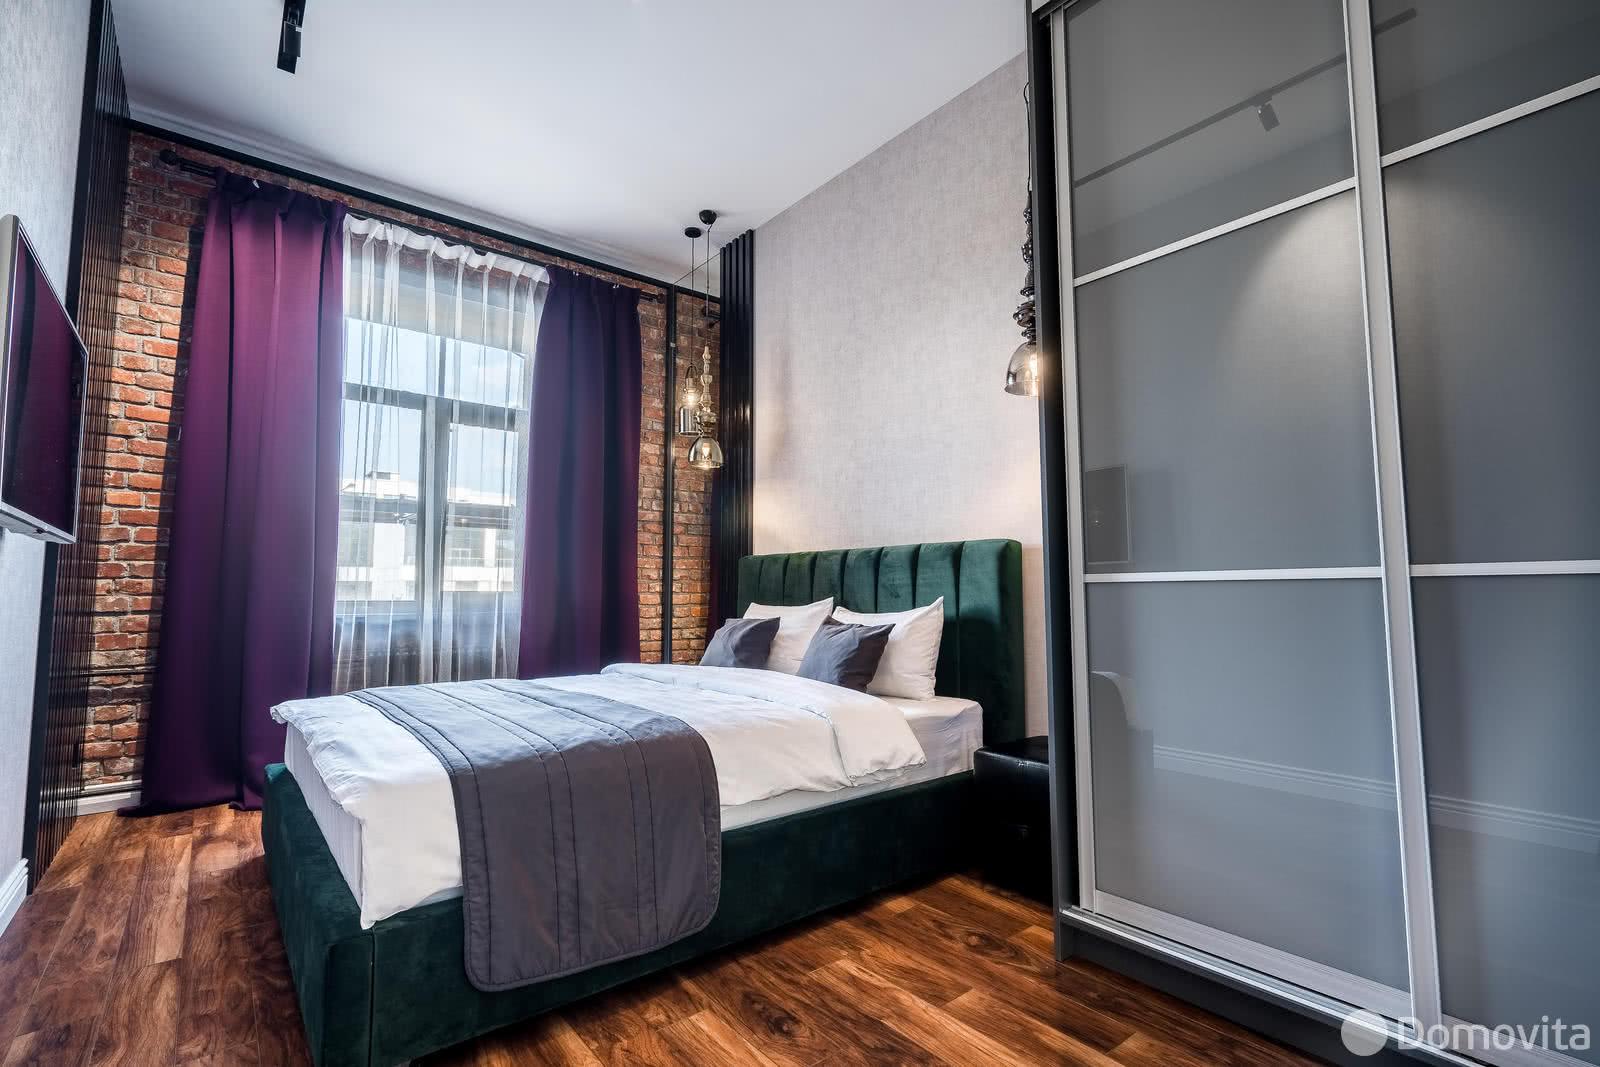 Аренда 3-комнатной квартиры на сутки в Минске ул. Свердлова, д. 24 - фото 1